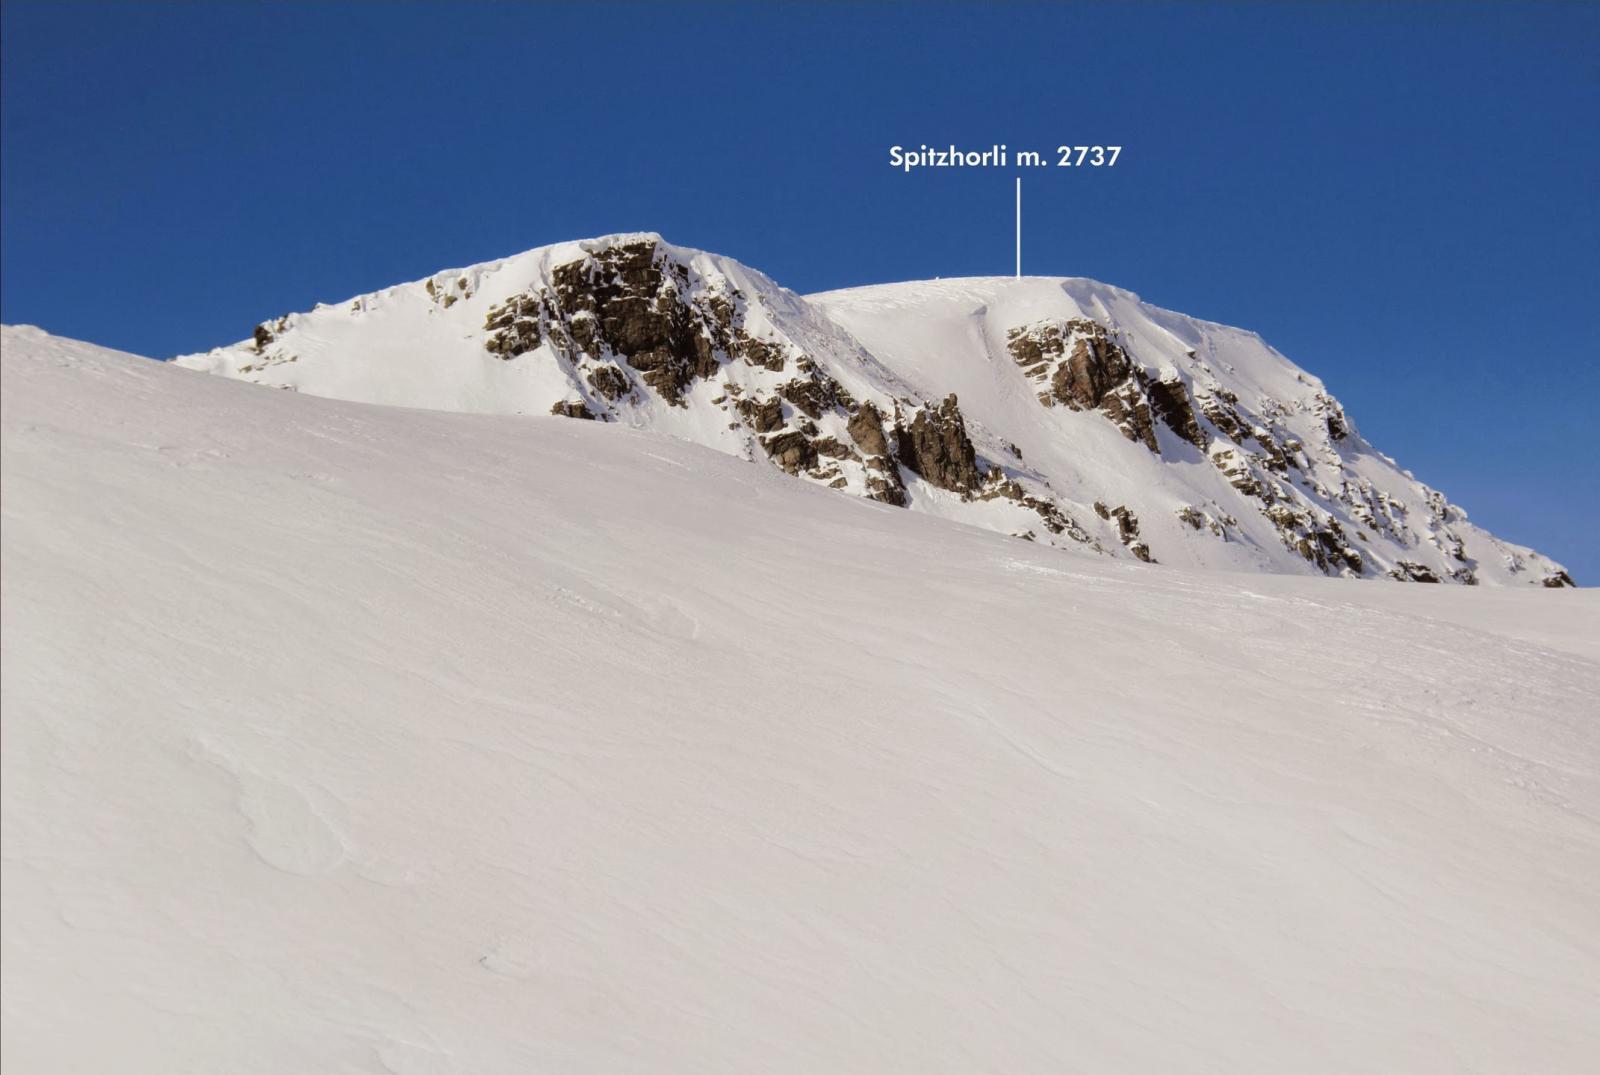 la vetta dello Spitzhorli vista dal valloncello che porta al Passo di Rossen